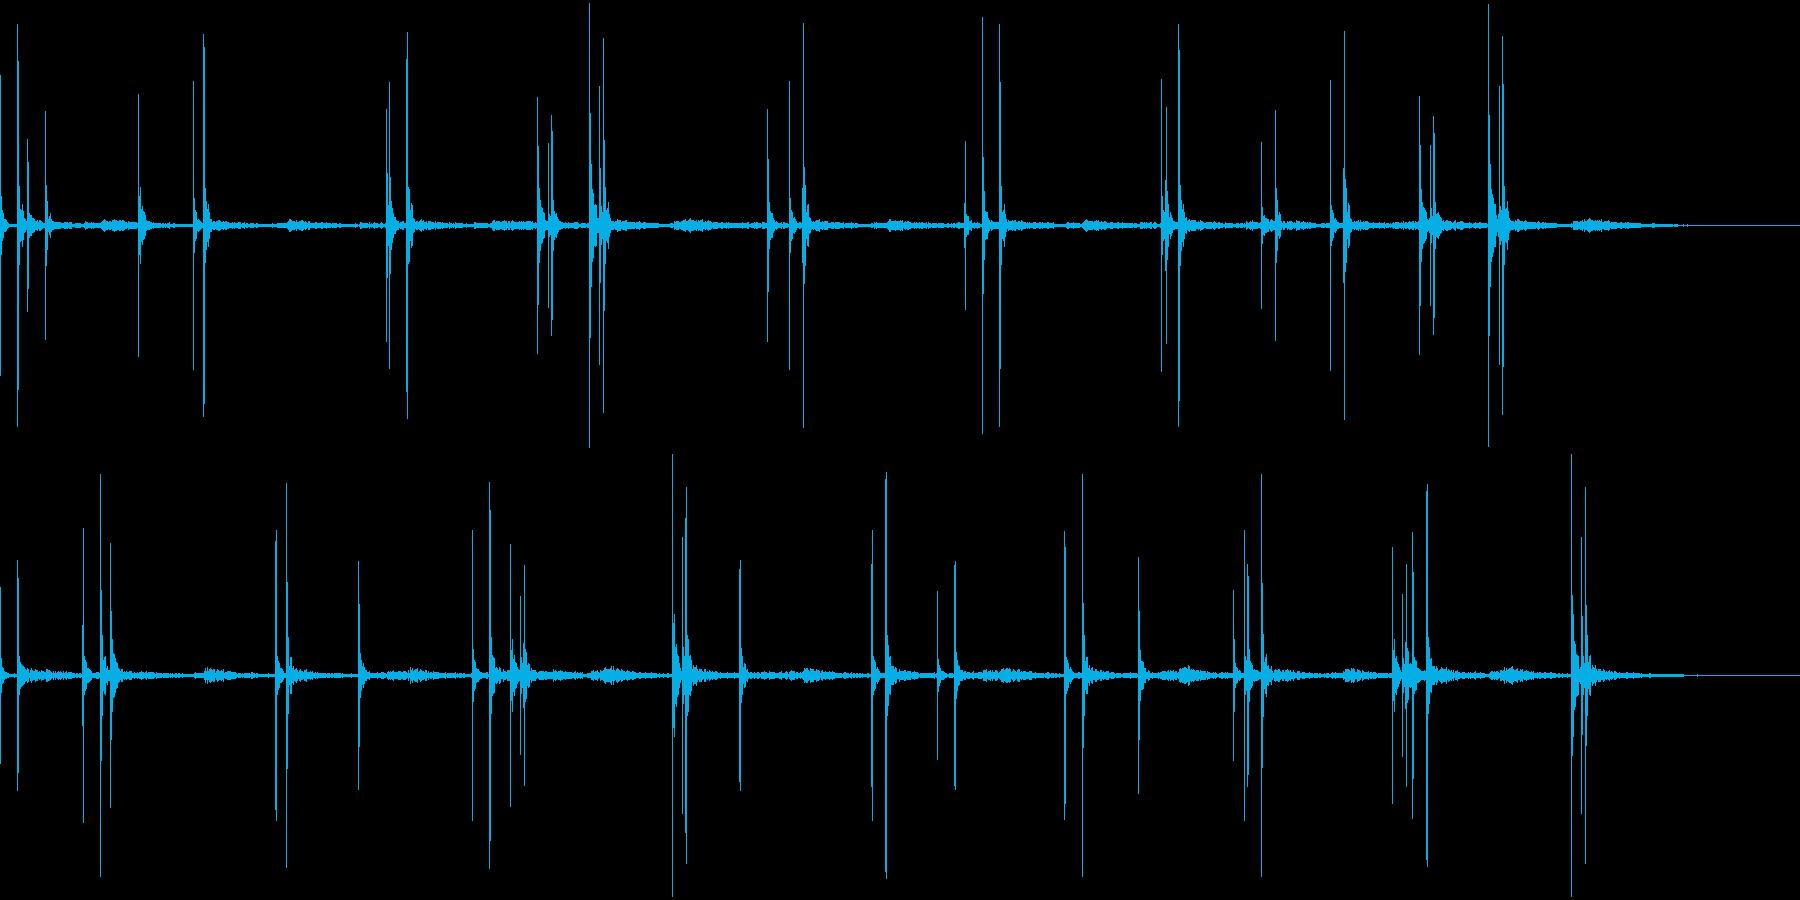 不規則に水滴が落ちる音(ループ素材)の再生済みの波形